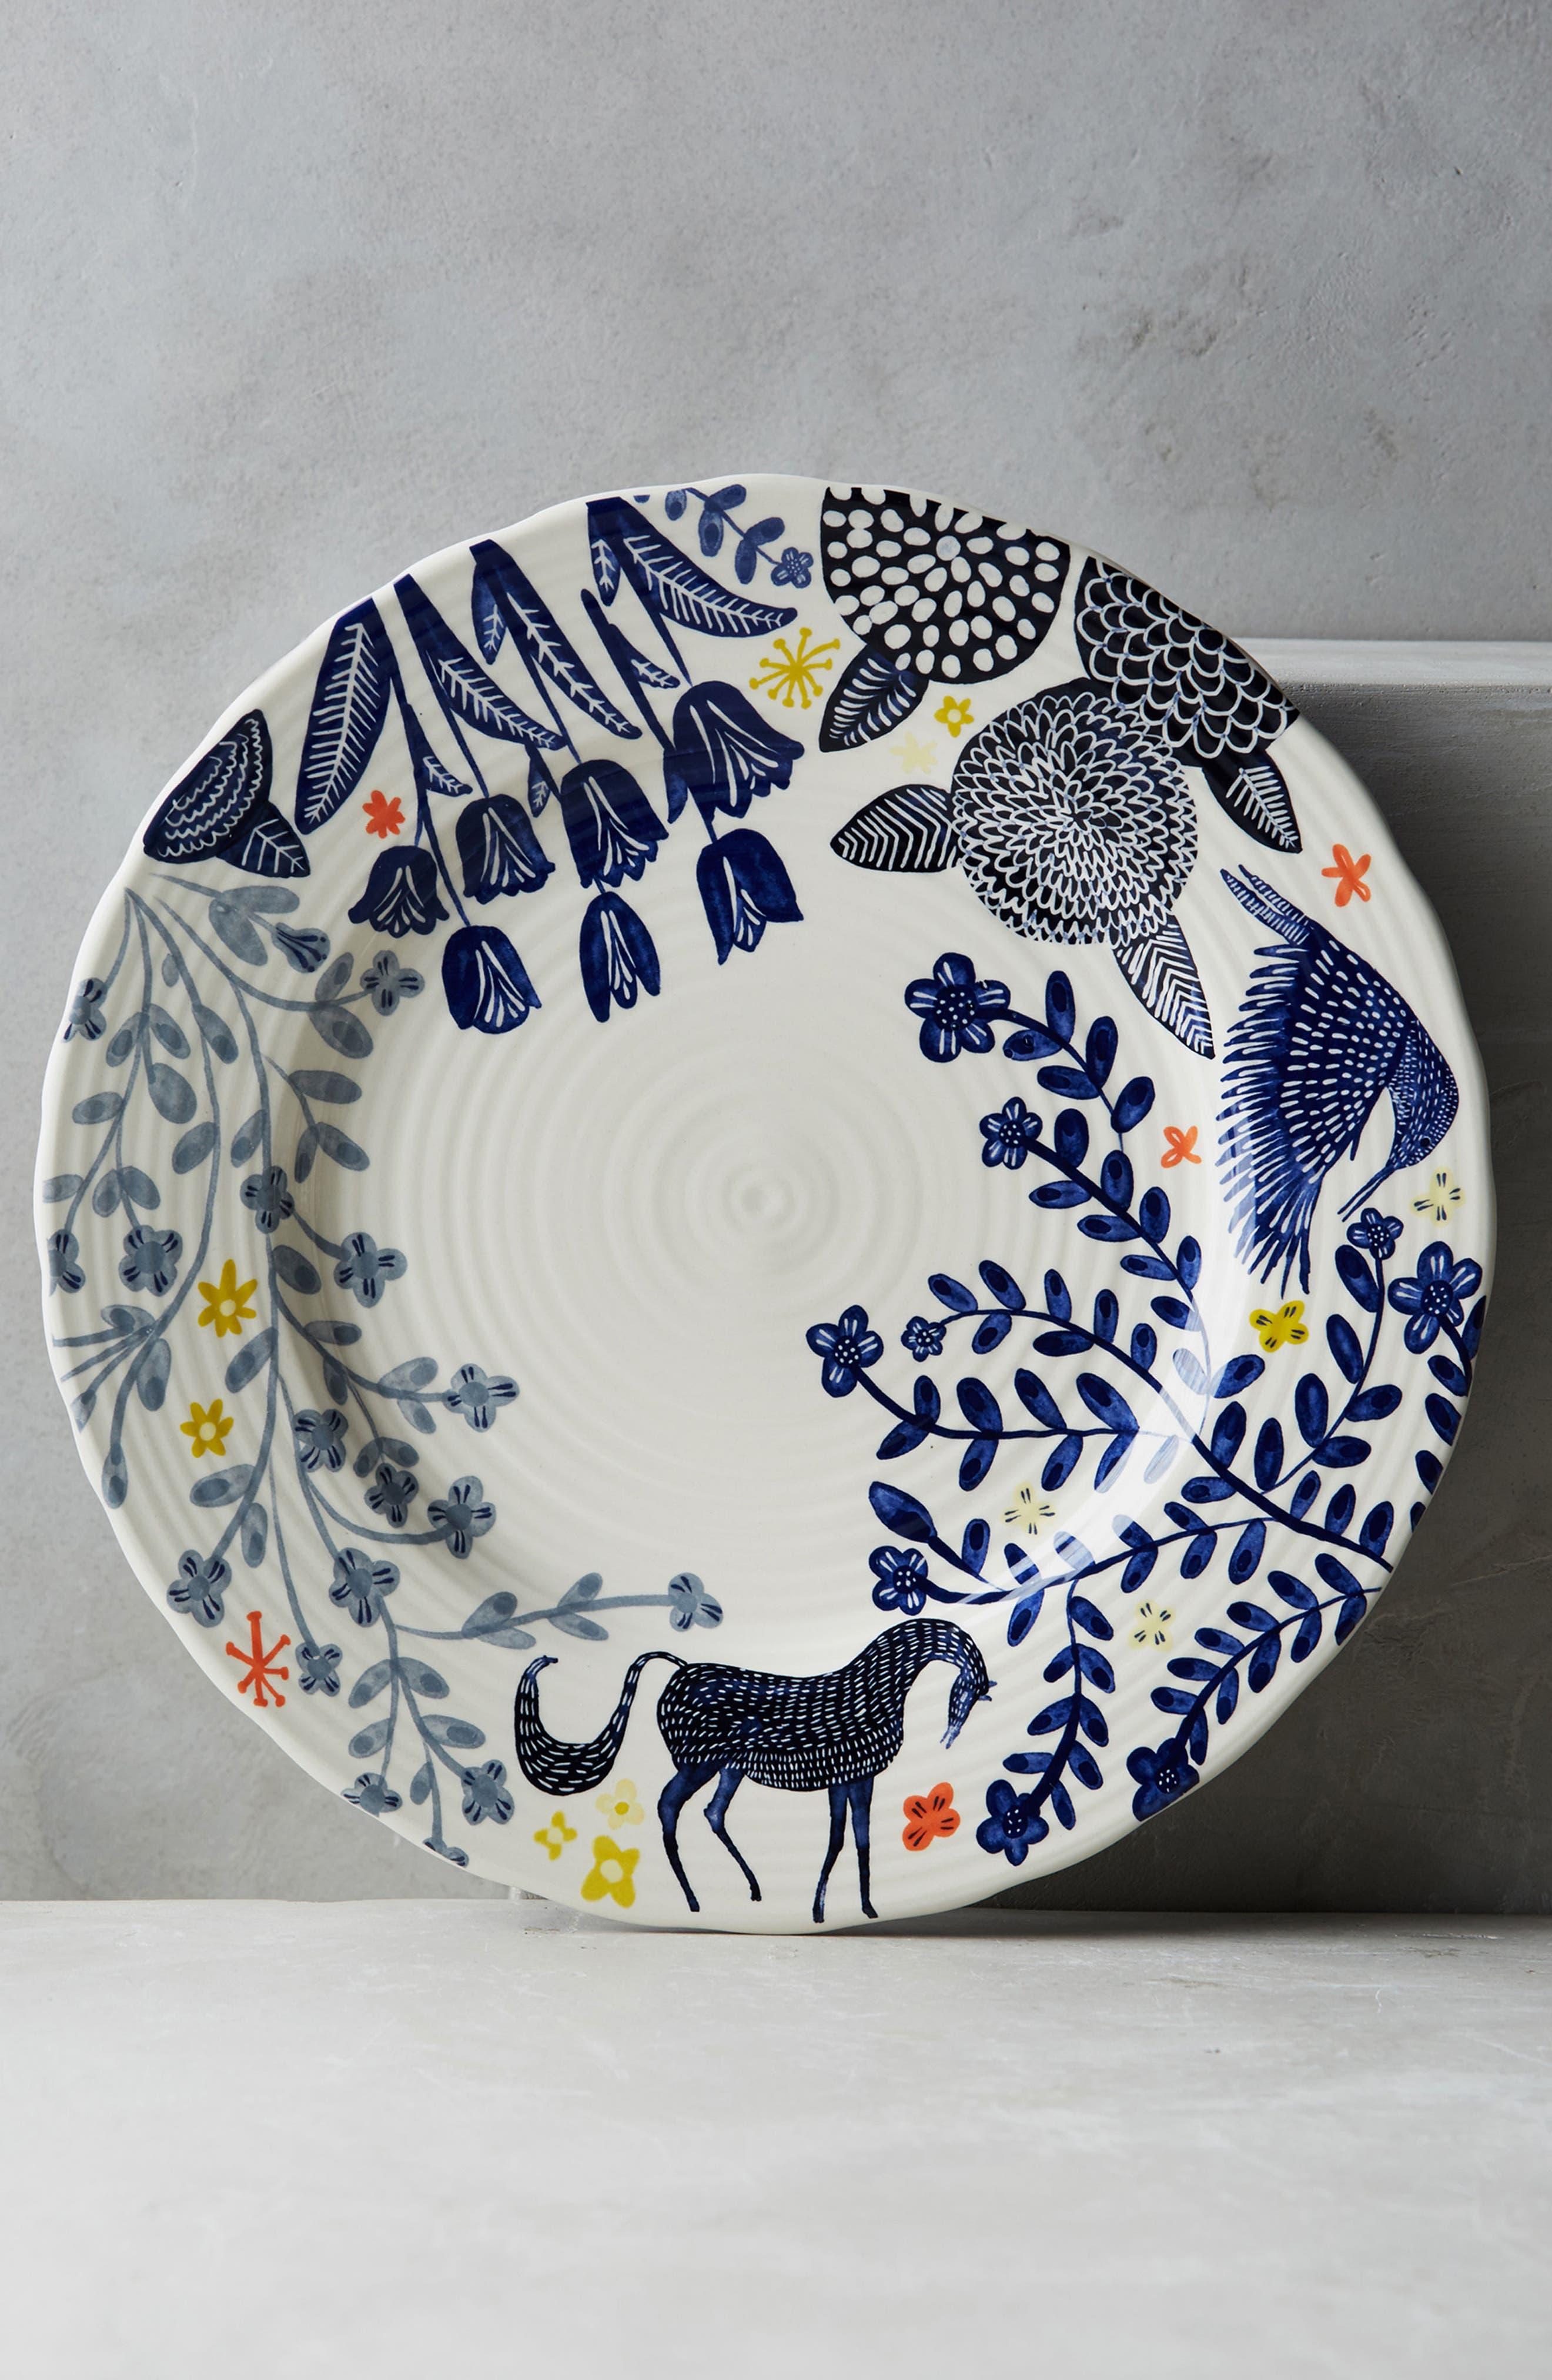 ANTHROPOLOGIE,                             Saga Dinner Plate,                             Alternate thumbnail 2, color,                             400